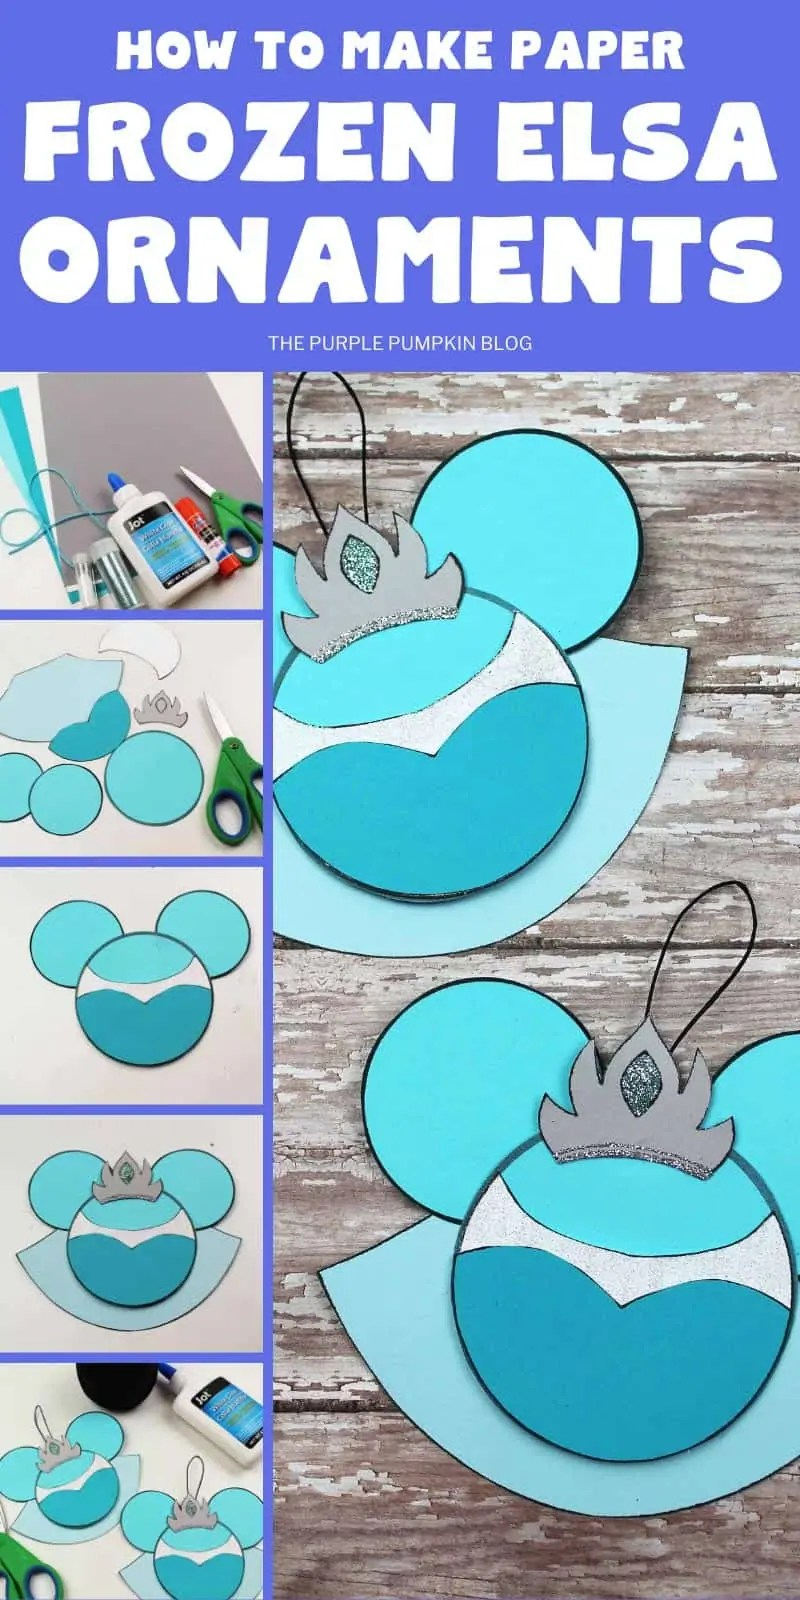 how to make paper frozen elsa ornaments